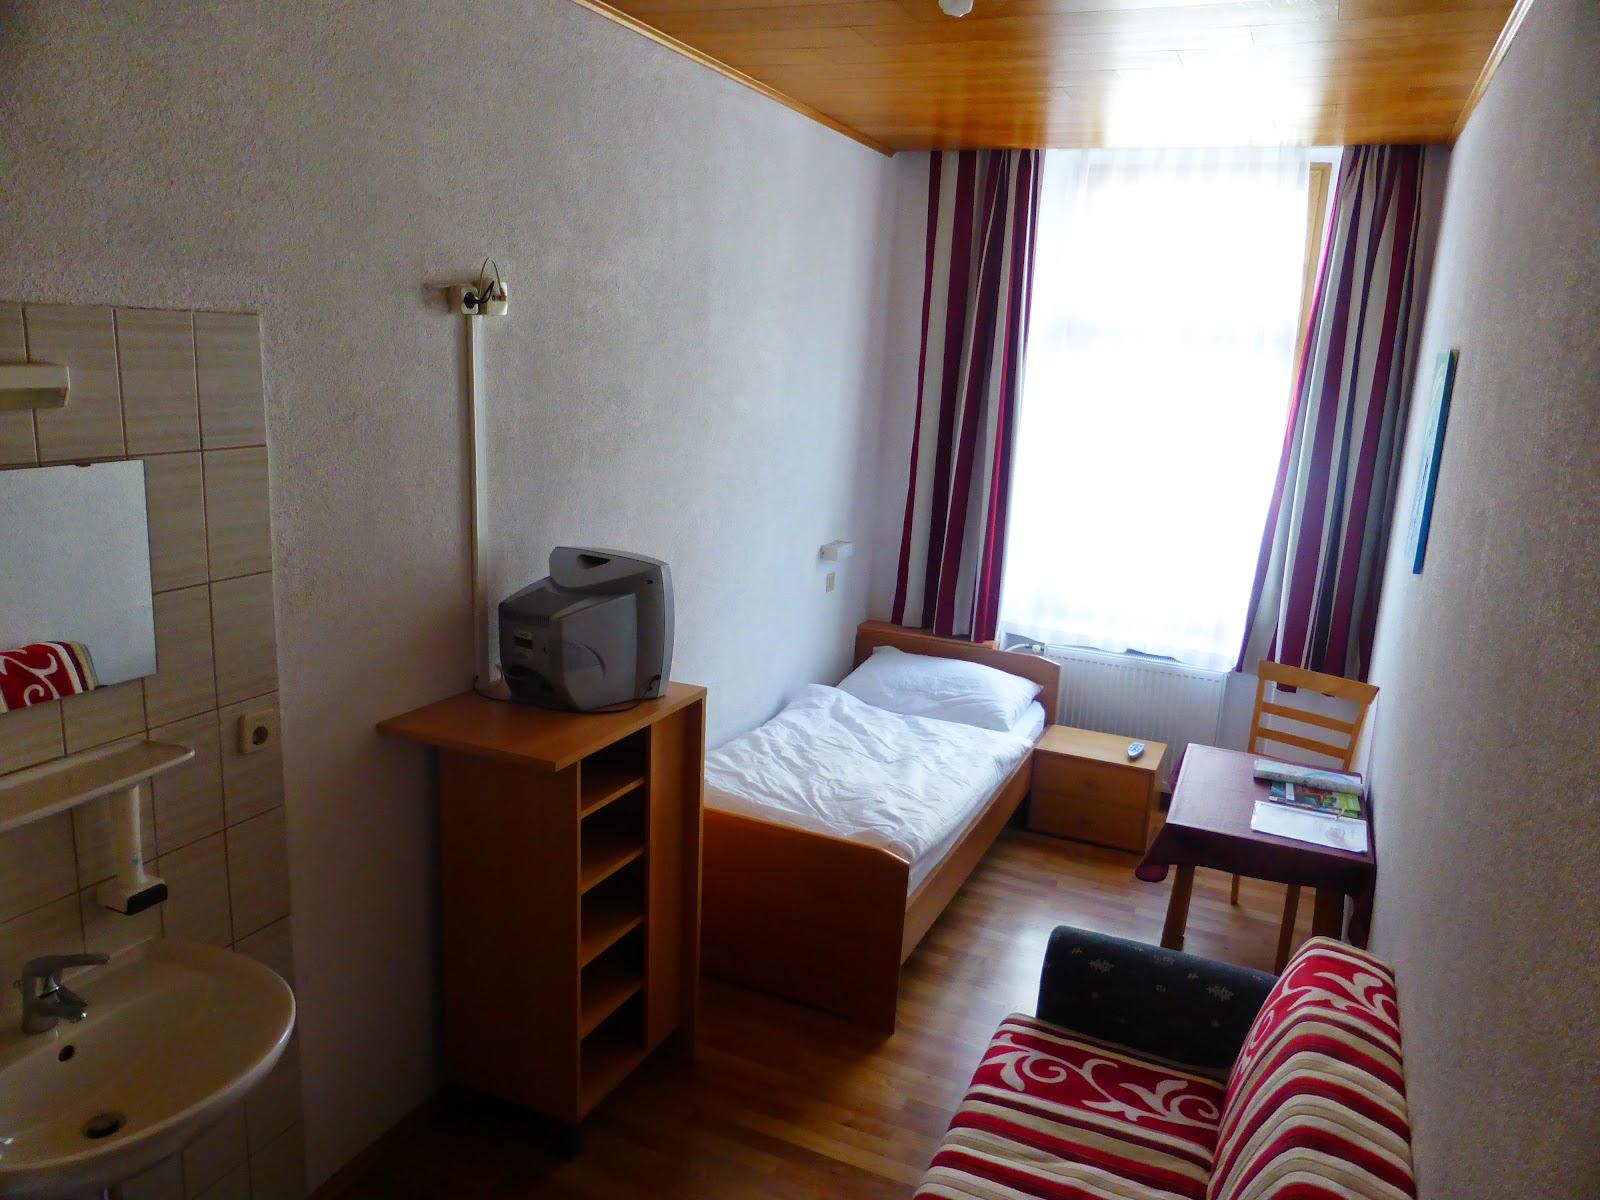 stelio 39 s blog da passau a linz pedalando. Black Bedroom Furniture Sets. Home Design Ideas